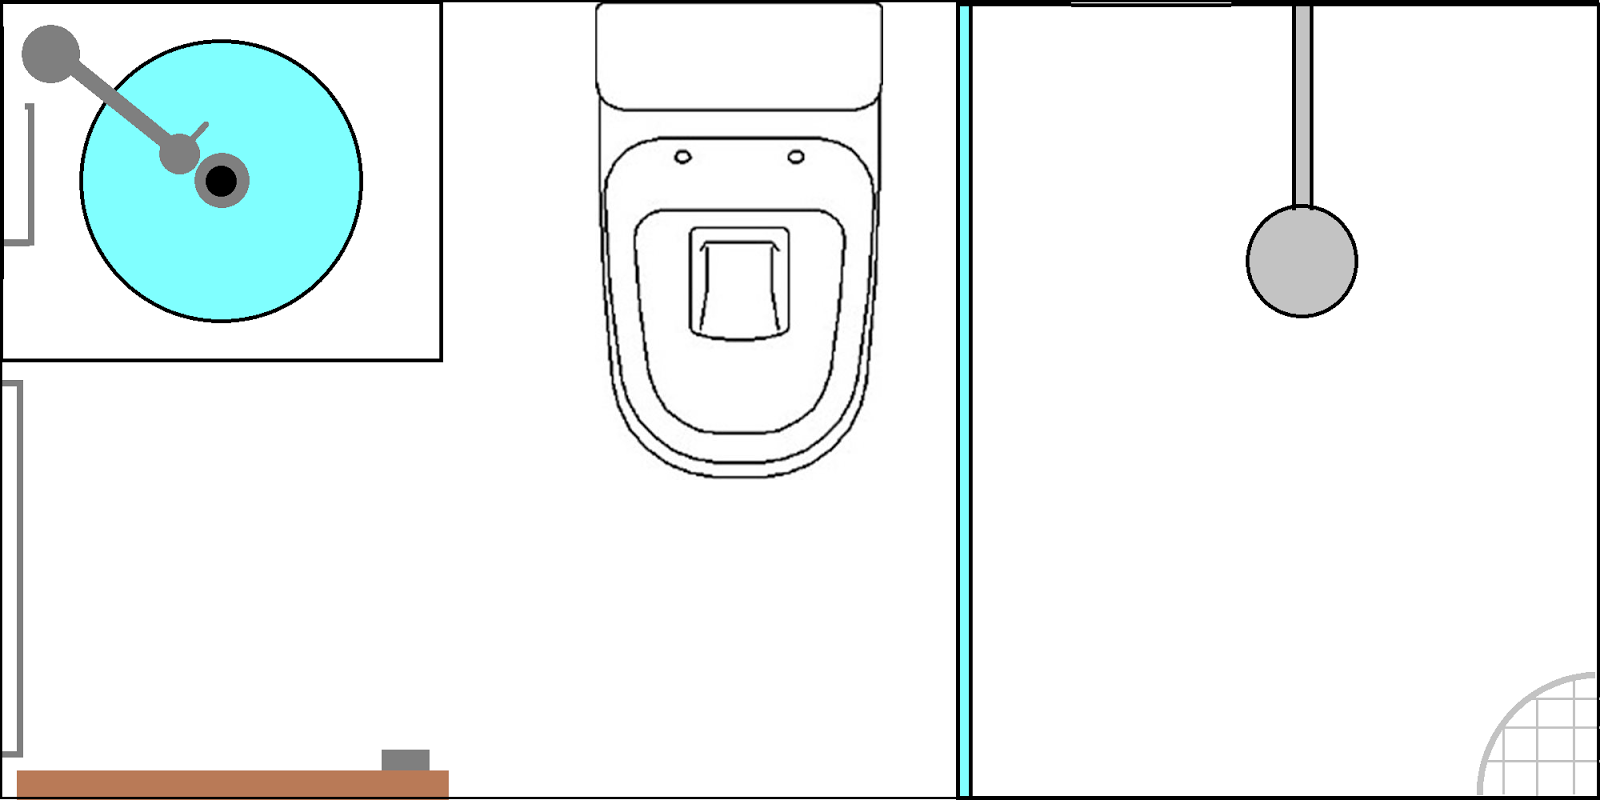 Cafofo Sonhado: Decorando banheiros pequenos: 2 banheiros 2m² cada  #06C5C5 1600x800 Banheiro Branco Com Vaso Sanitario Preto